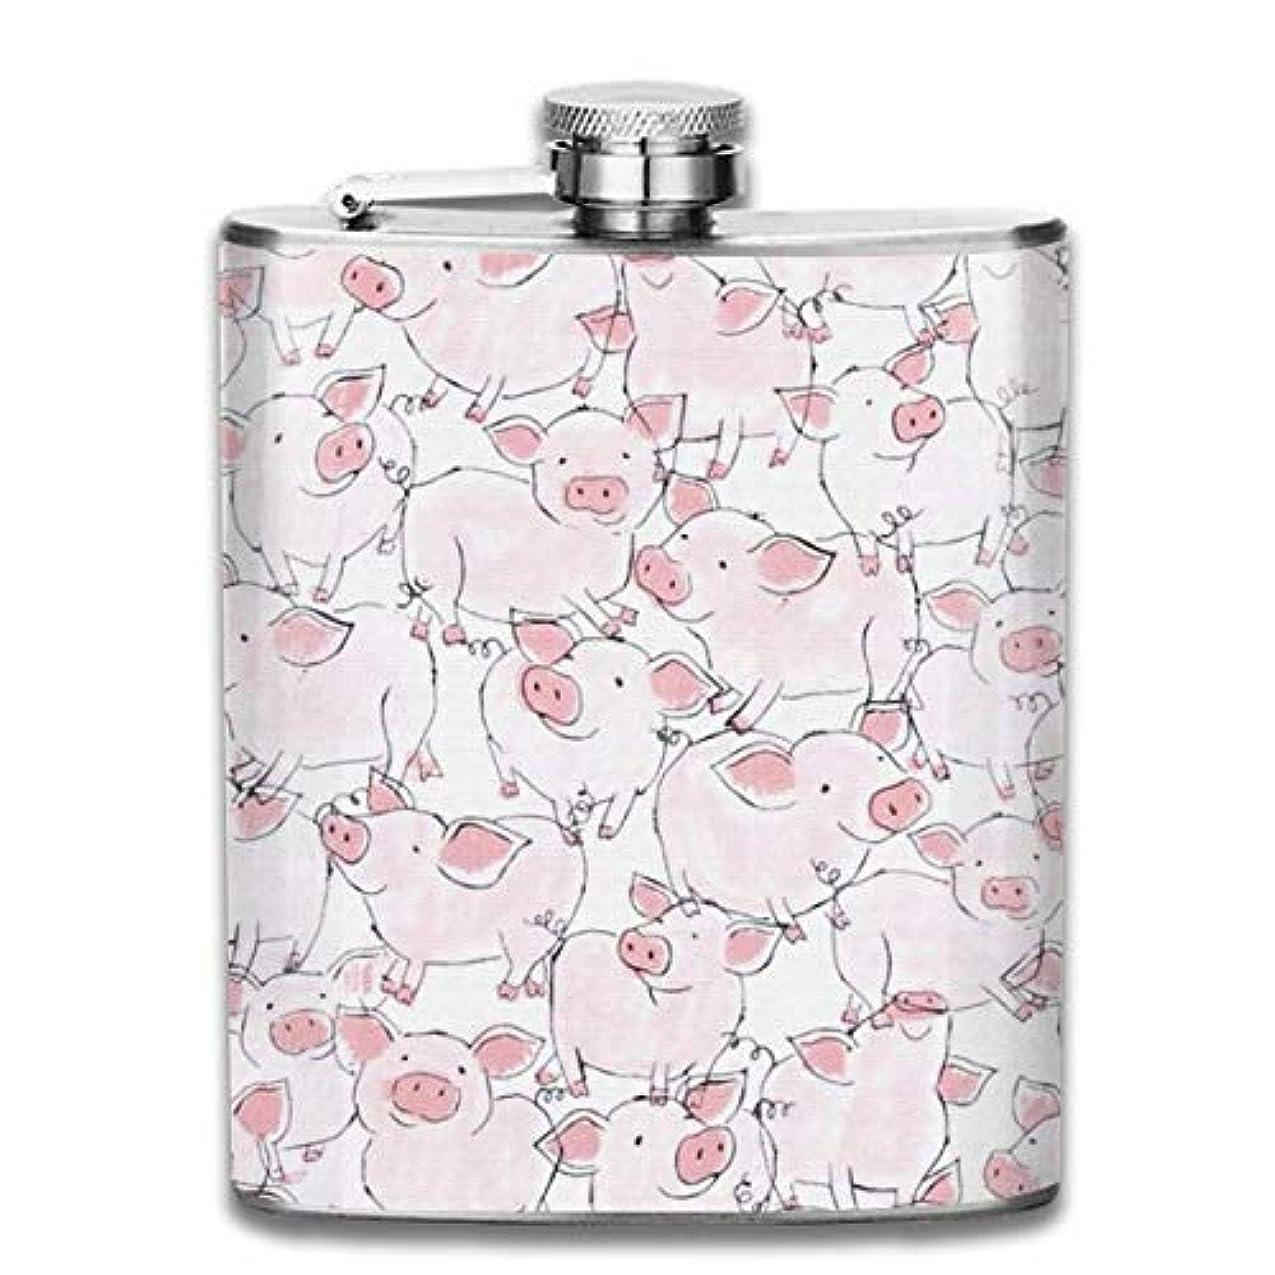 クラシカル紀元前登録するピンクの豚フラスコ スキットル ヒップフラスコ 7オンス 206ml 高品質ステンレス製 ウイスキー アルコール 清酒 携帯 ボトル